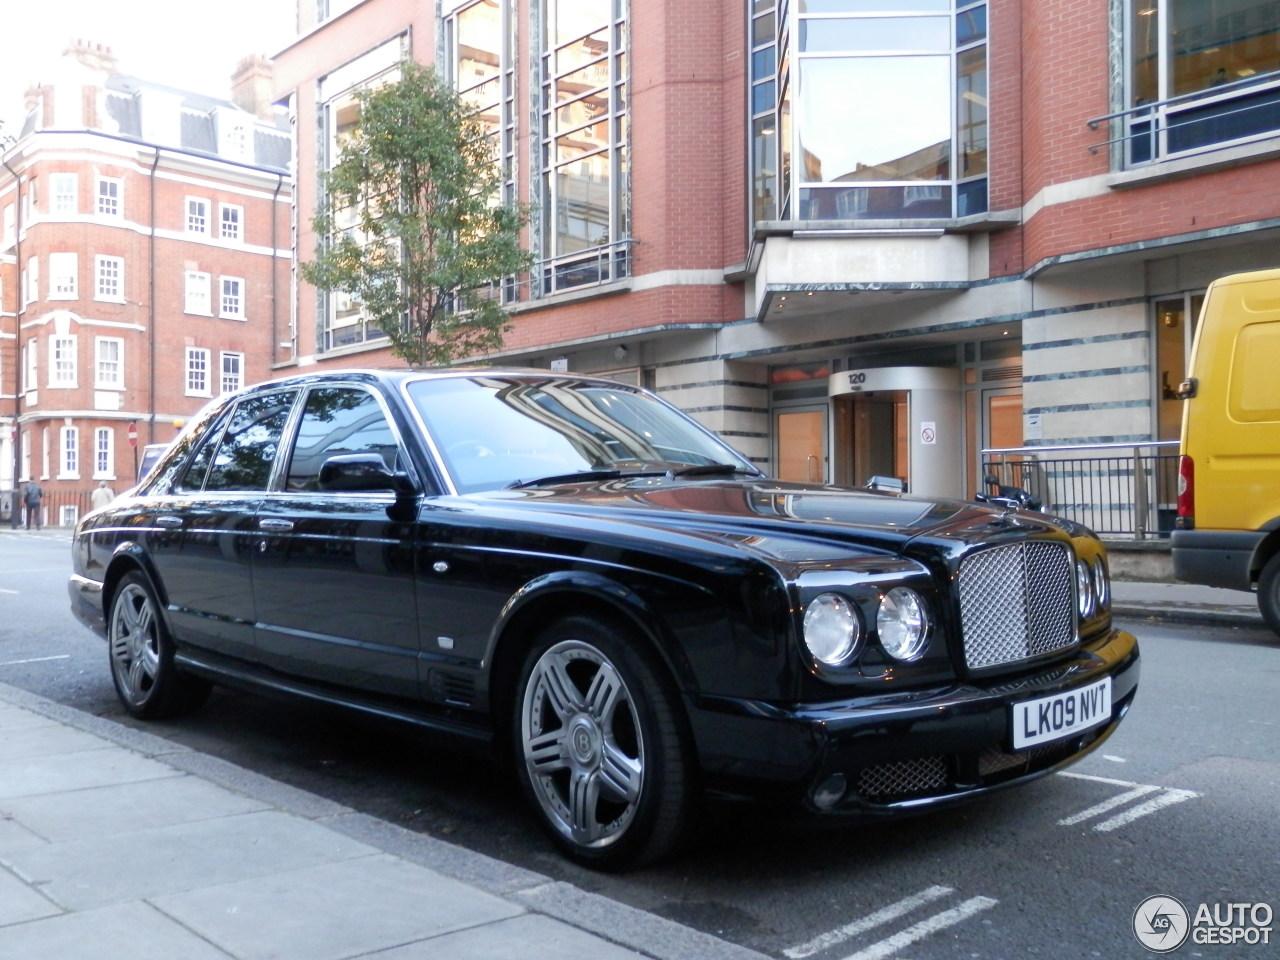 Bentley arnage t 4 november 2012 autogespot for O garage arnage